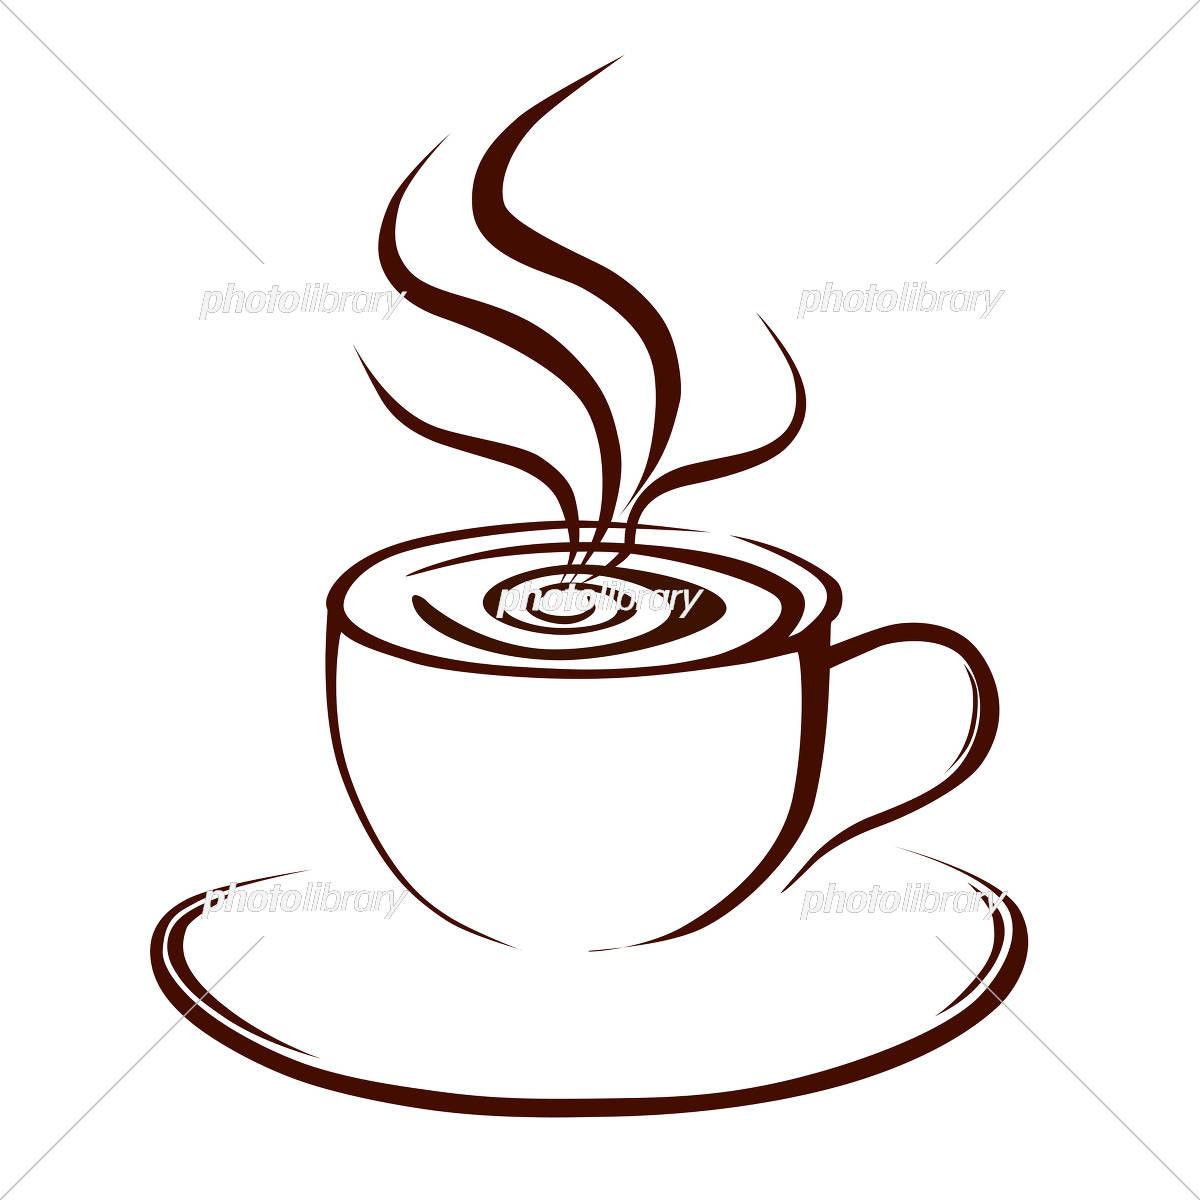 コーヒー イラスト素材 5498482 フォトライブラリー Photolibrary